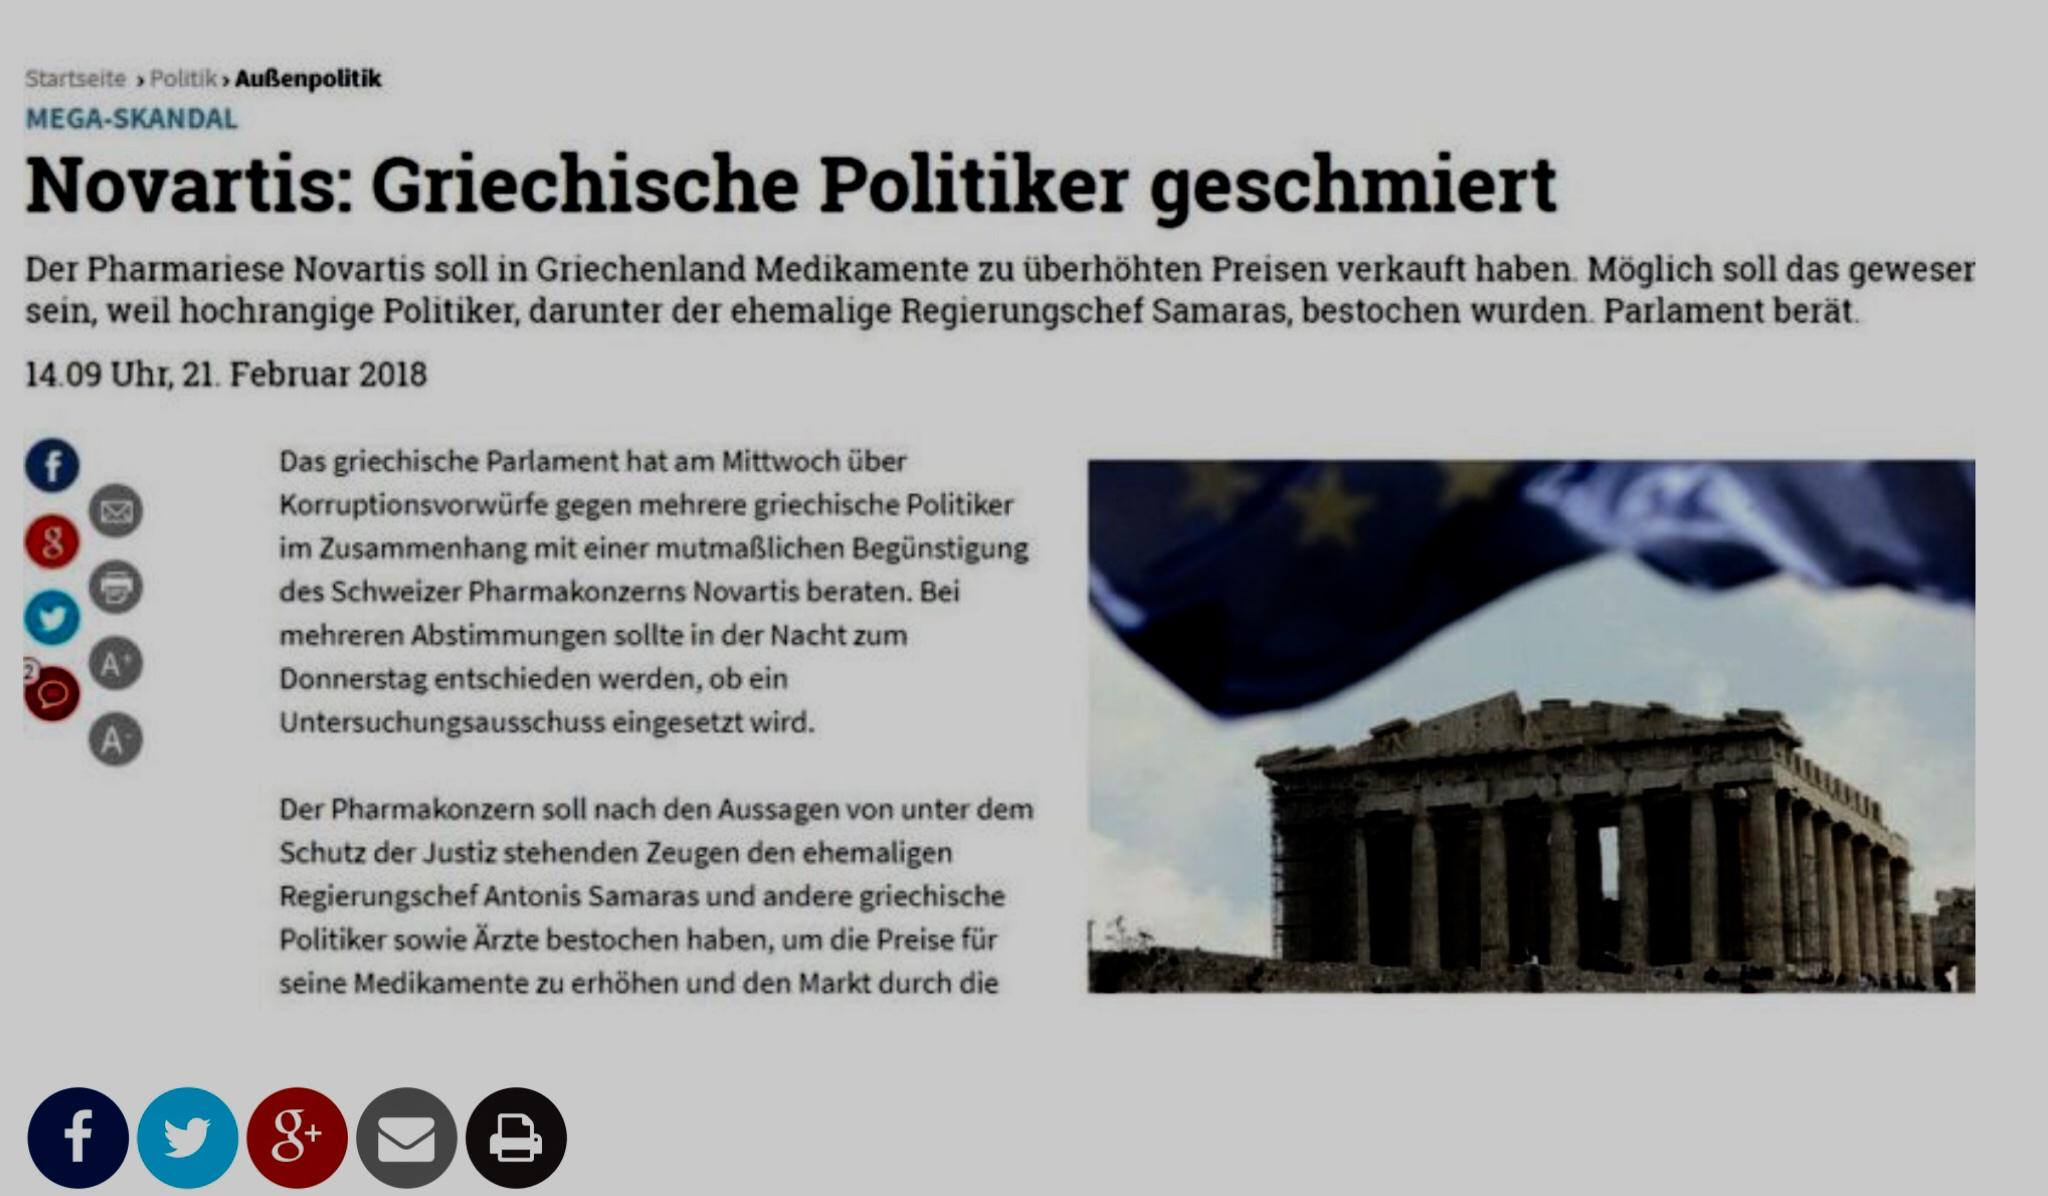 Οσο τα Ελληνικά ΜΜΕ βλέπουν «σκευωρία», τα Γερμανικά βλέπουν σκάνδαλο €3δις που μπούκωσαν Έλληνες πολιτικοί!